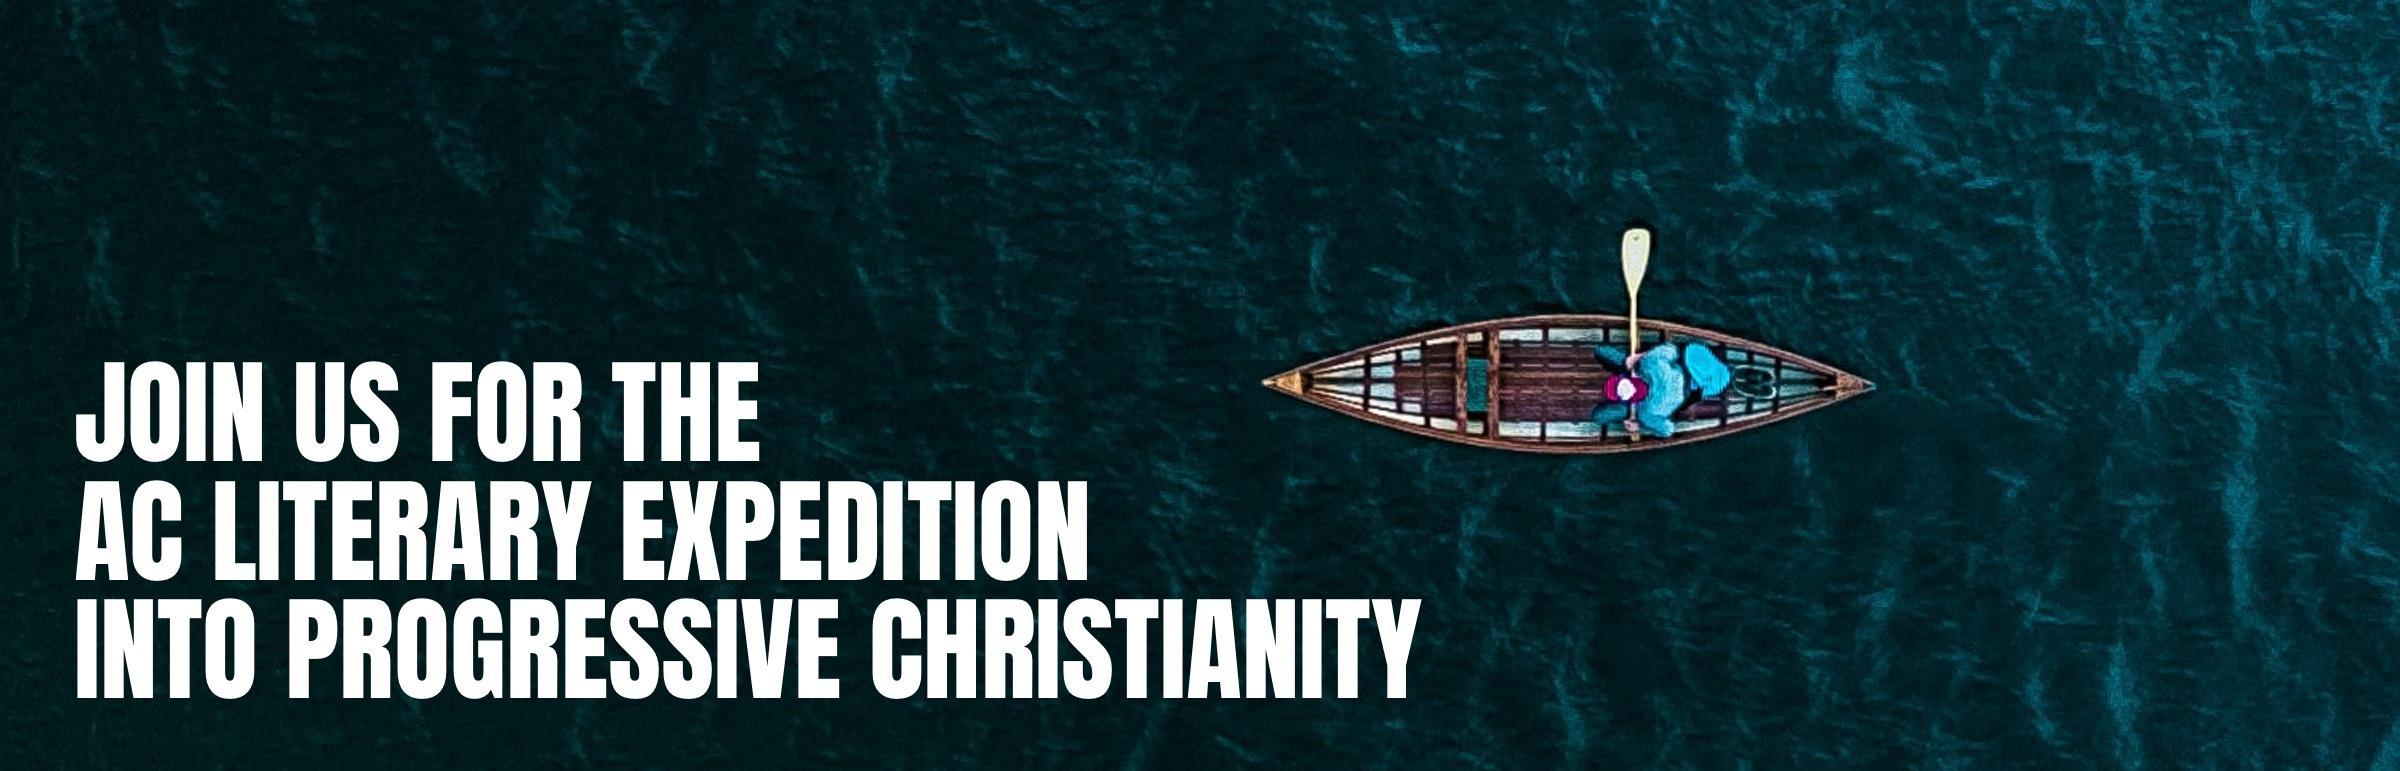 PROGRESIVE CHRISTIANITY - Banner